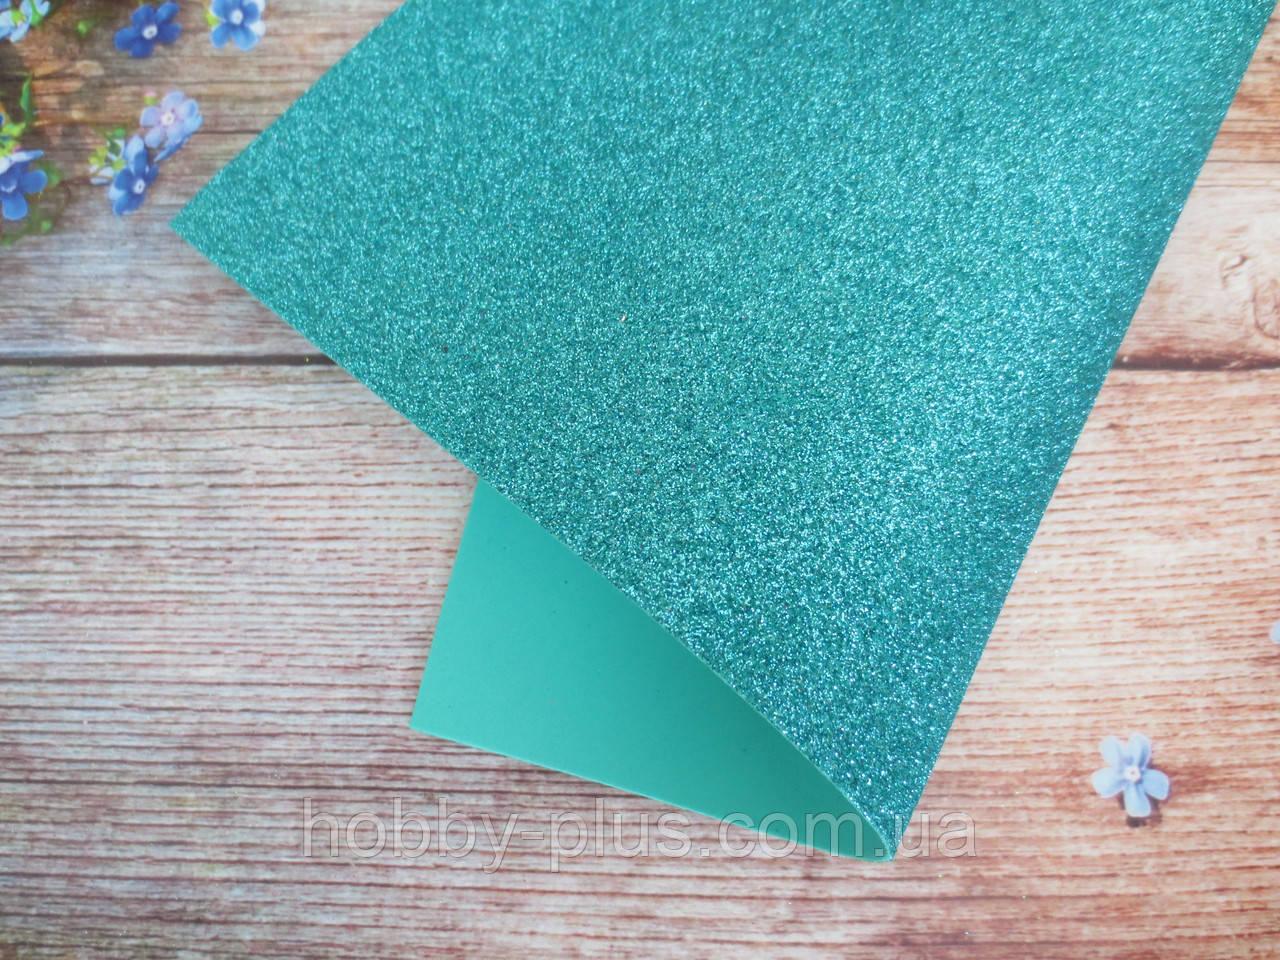 Фоамиран глиттерный 1,6 мм, 20x30 см, Китай, МЯТНЫЙ